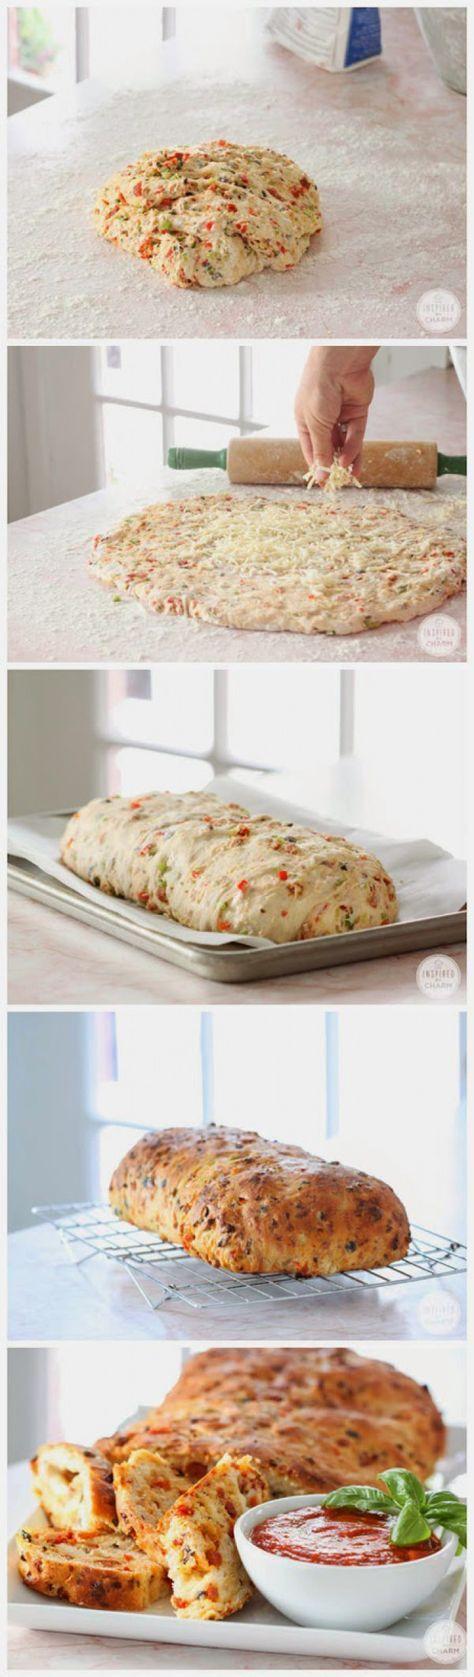 Pizzabrot selber machen ist garnicht so schwer. Pizzateig machen oder fertig kaufen und dann mit Pepperoni, Sonnengetrockneten Tomaten, Zwiebeln, Oliven, Pfeffer und Knoblauch bestreuen. Pamezan Käse und geriebenen Mozzarella darüber verteilen. 1 Esslöffel Olivenöl dazu geben und dann gut durch kneten. Marinara Sauce zum Dippen benutzen und fertig. Klasse rezept für eine Party. Noch mehr tolle Rezepte gibt es auf www.Spaaz.de